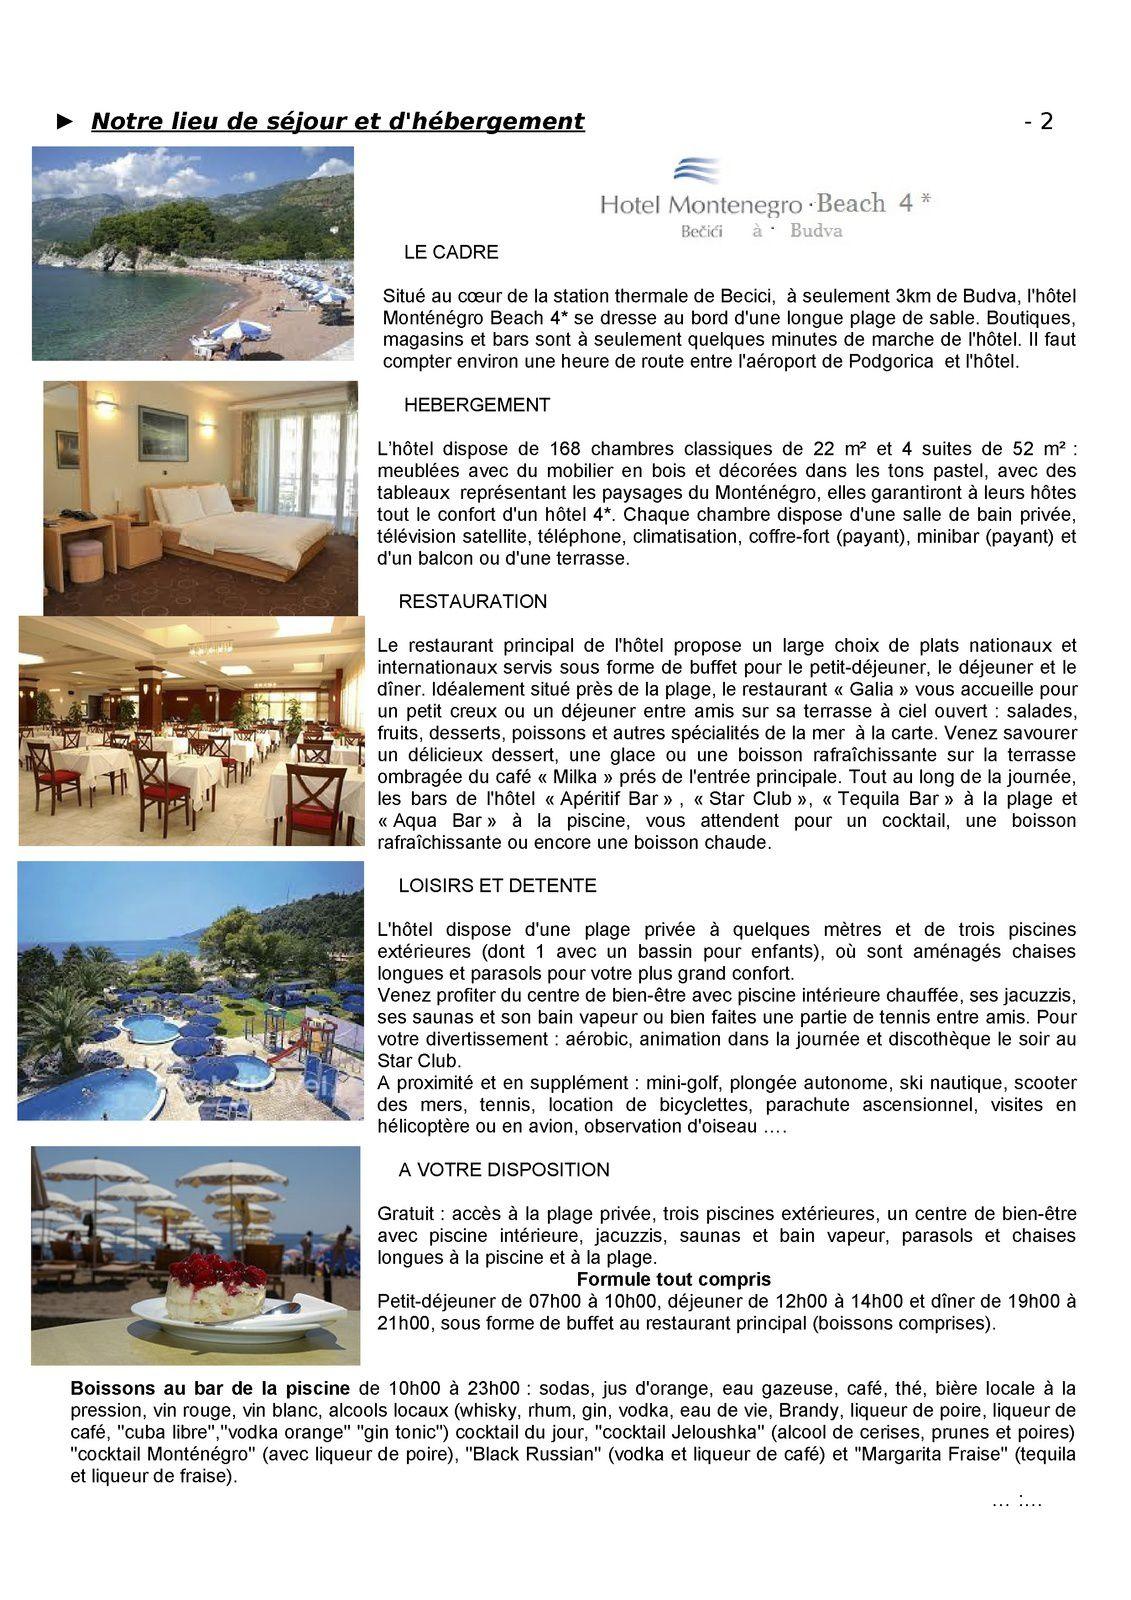 Voyage 2015 - Le Monténégro - Le programme -